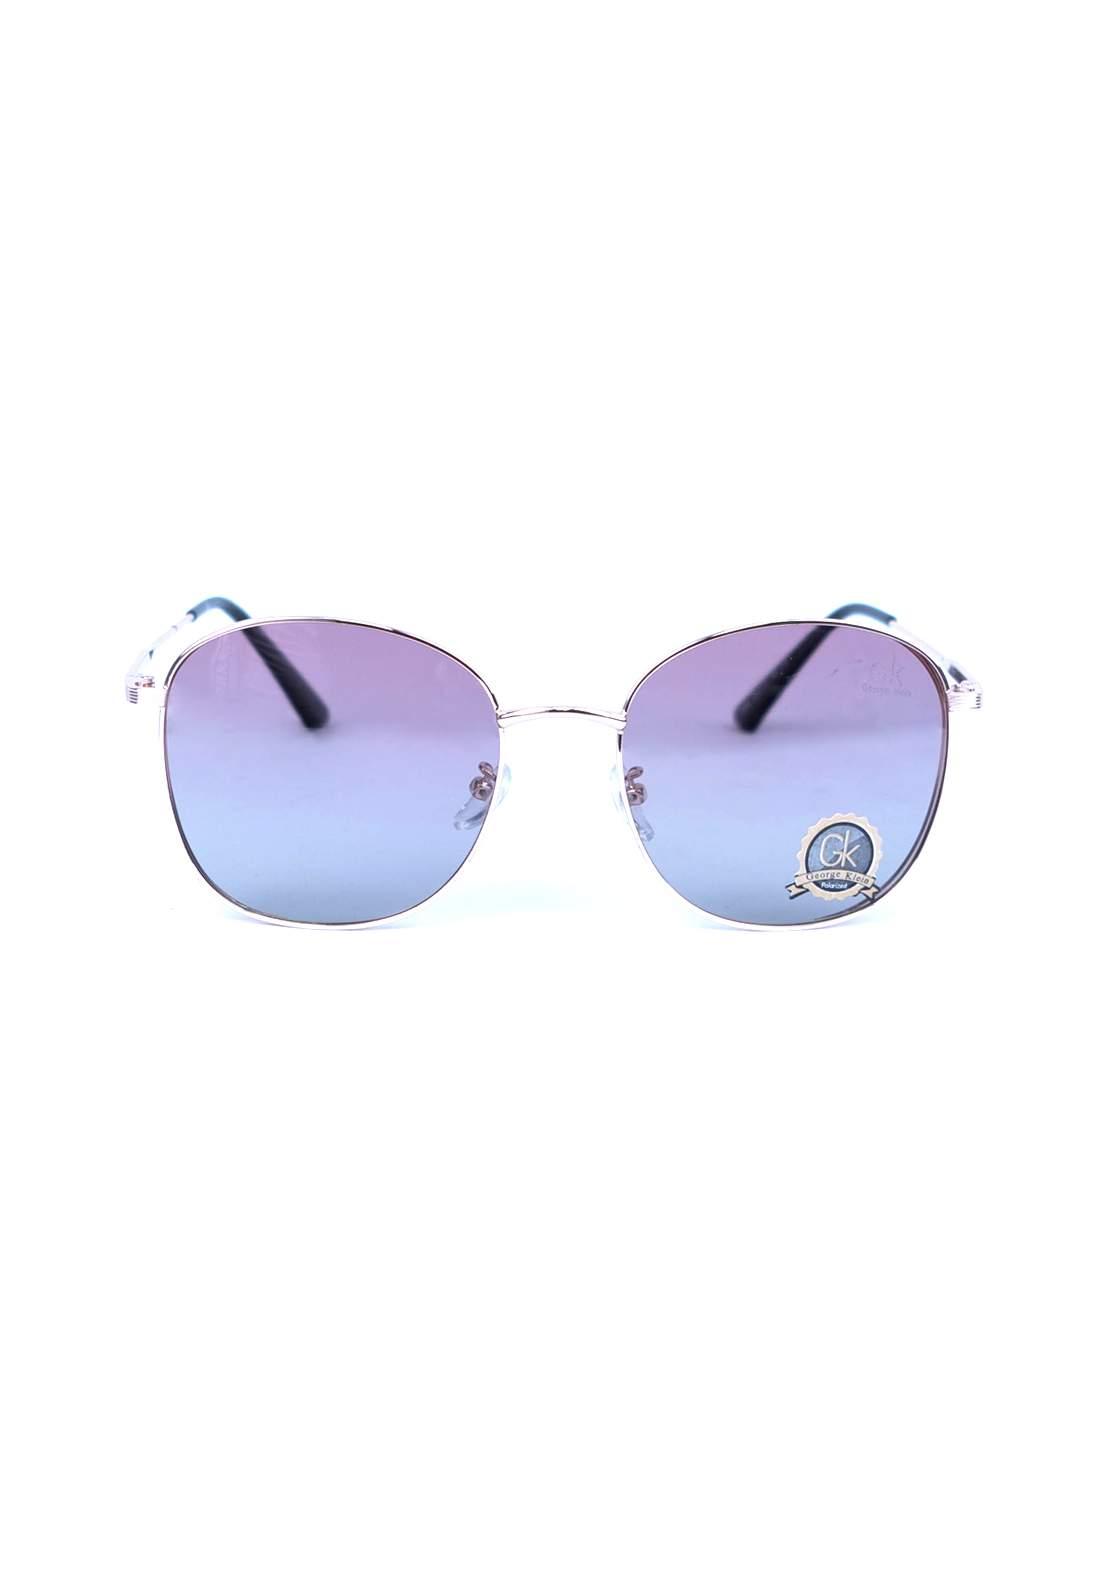 نظارات شمسية نسائية بنفسجية اللون من جي كي